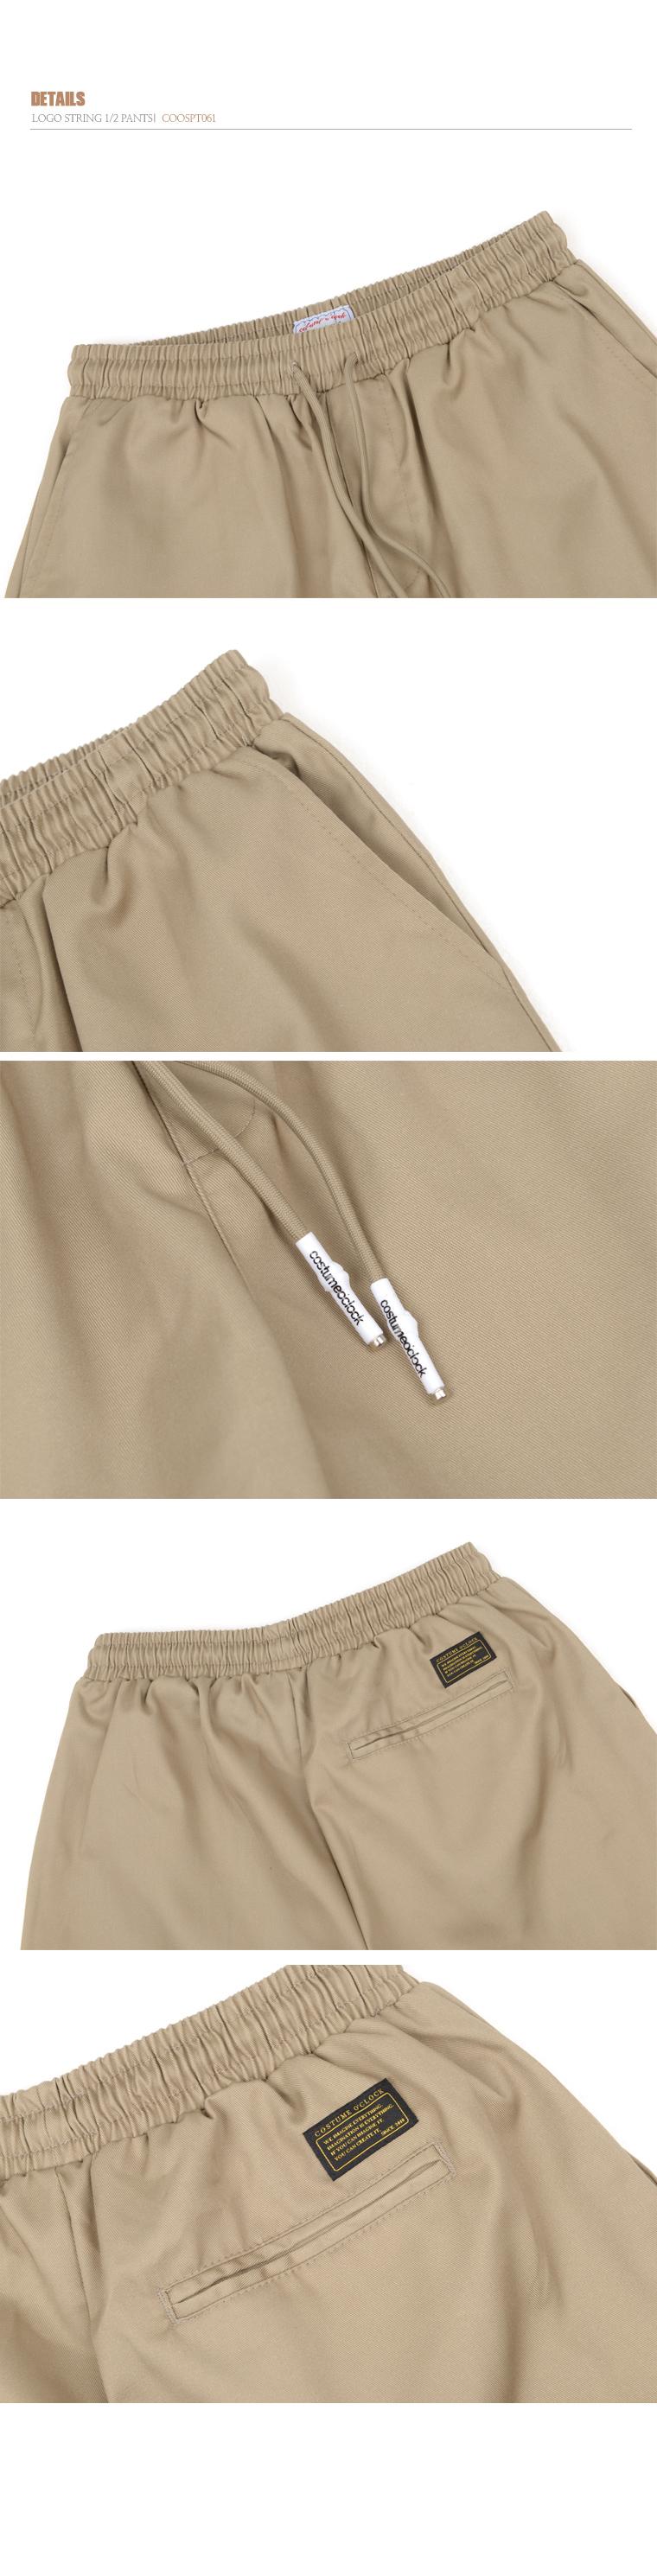 커스텀어클락(COSTUME O'CLOCK) 로고 스트링 1/2 팬츠 베이지